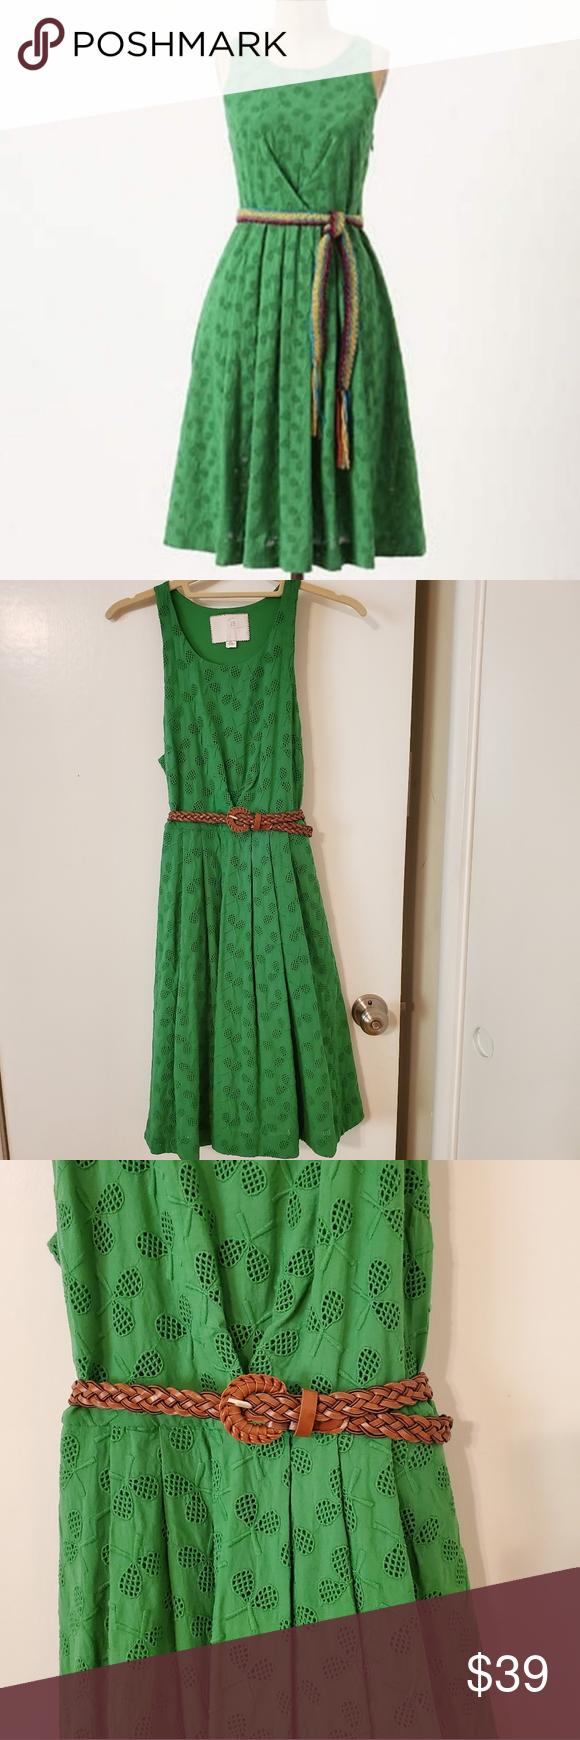 40++ Anthropologie green dress ideas in 2021